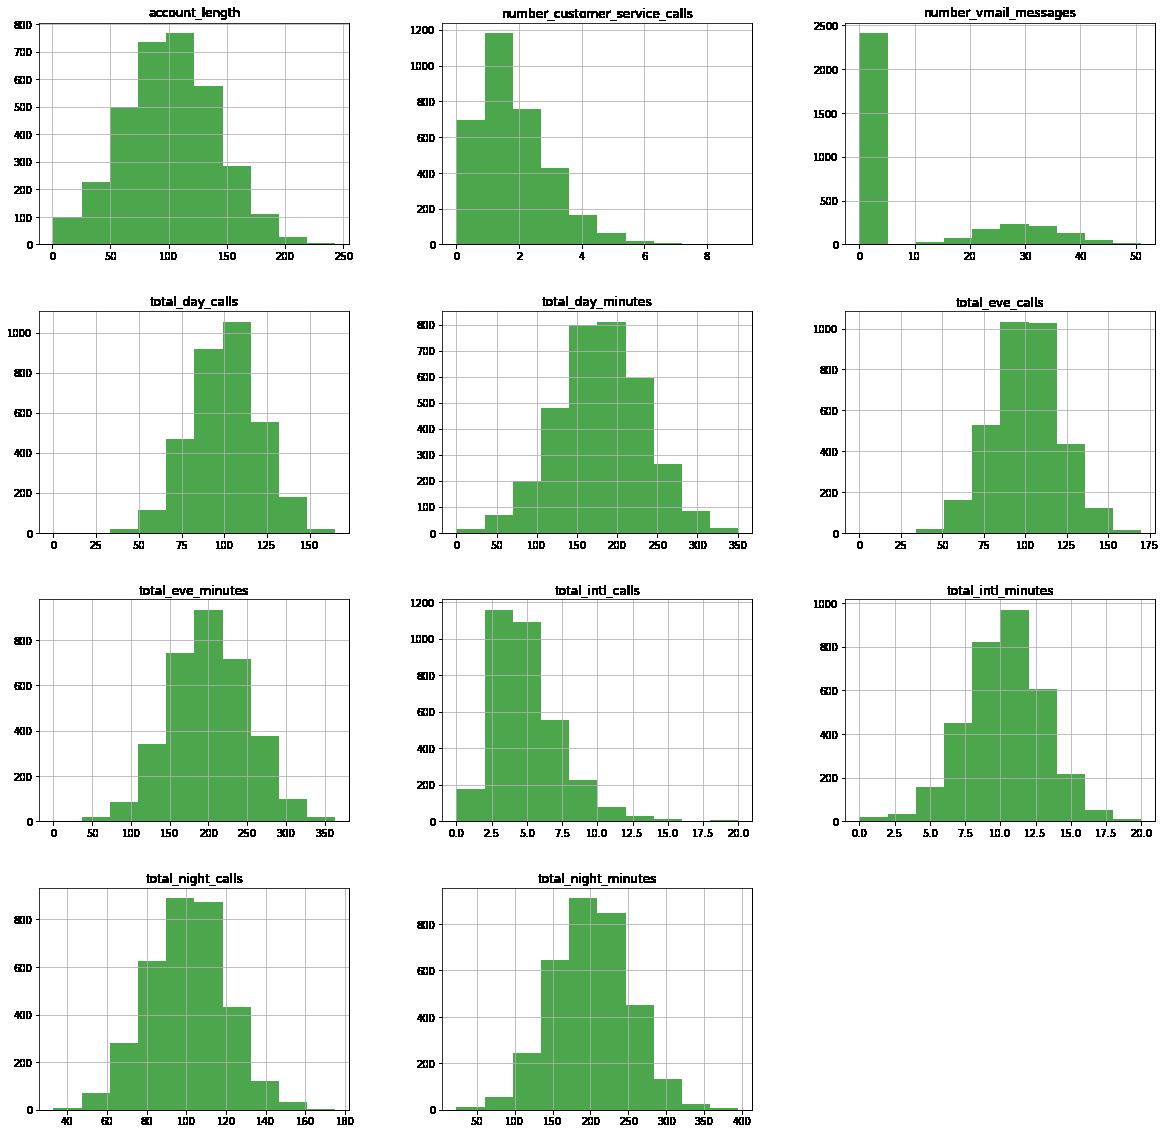 GitHub - hasanali28/Telecom-Churn-Analysis: Supervised